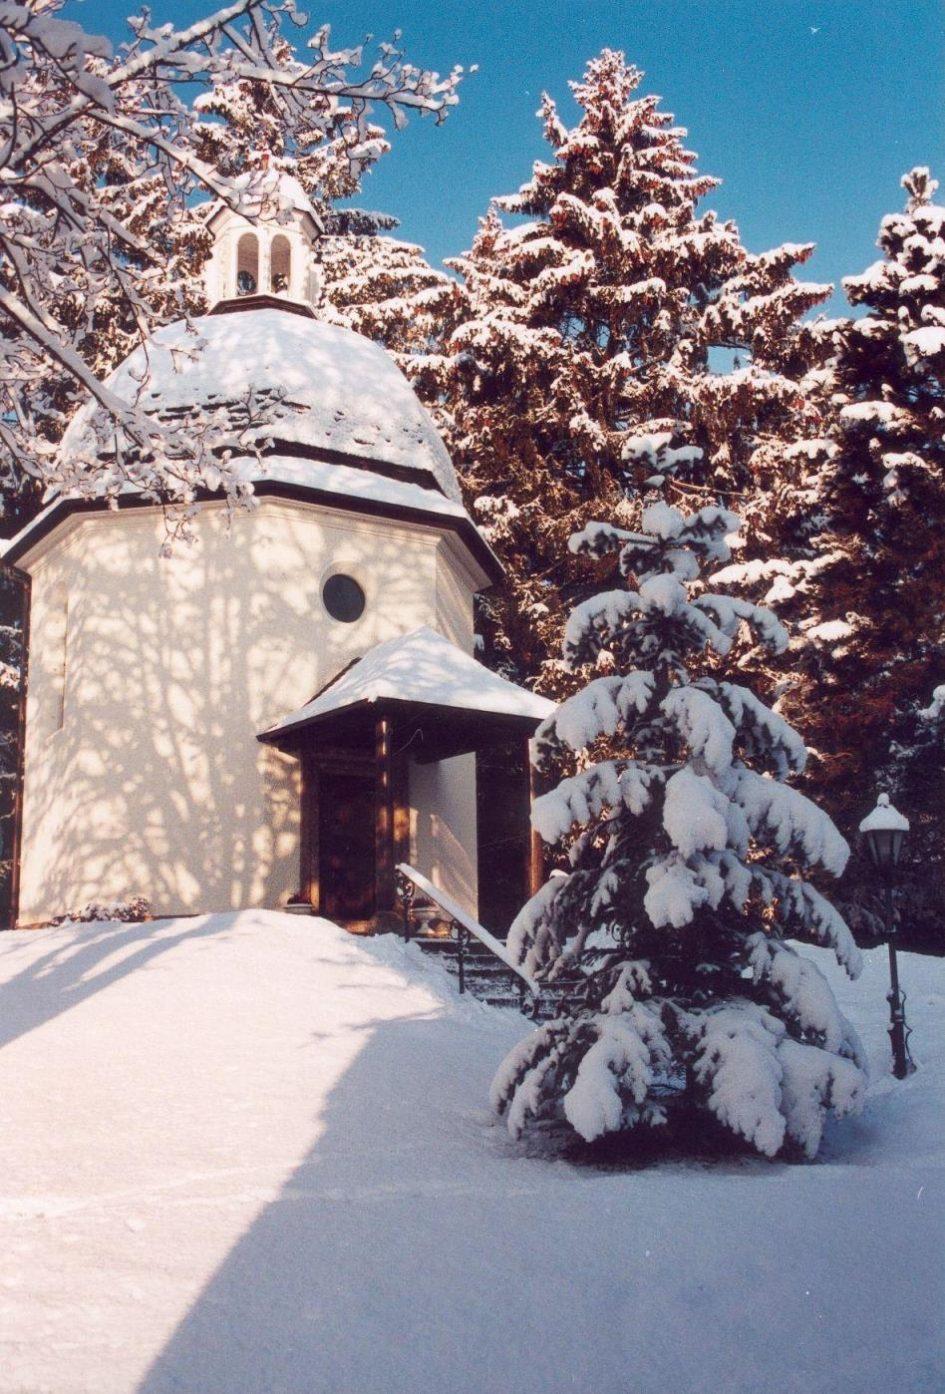 chapelle-c-stillenachtverein